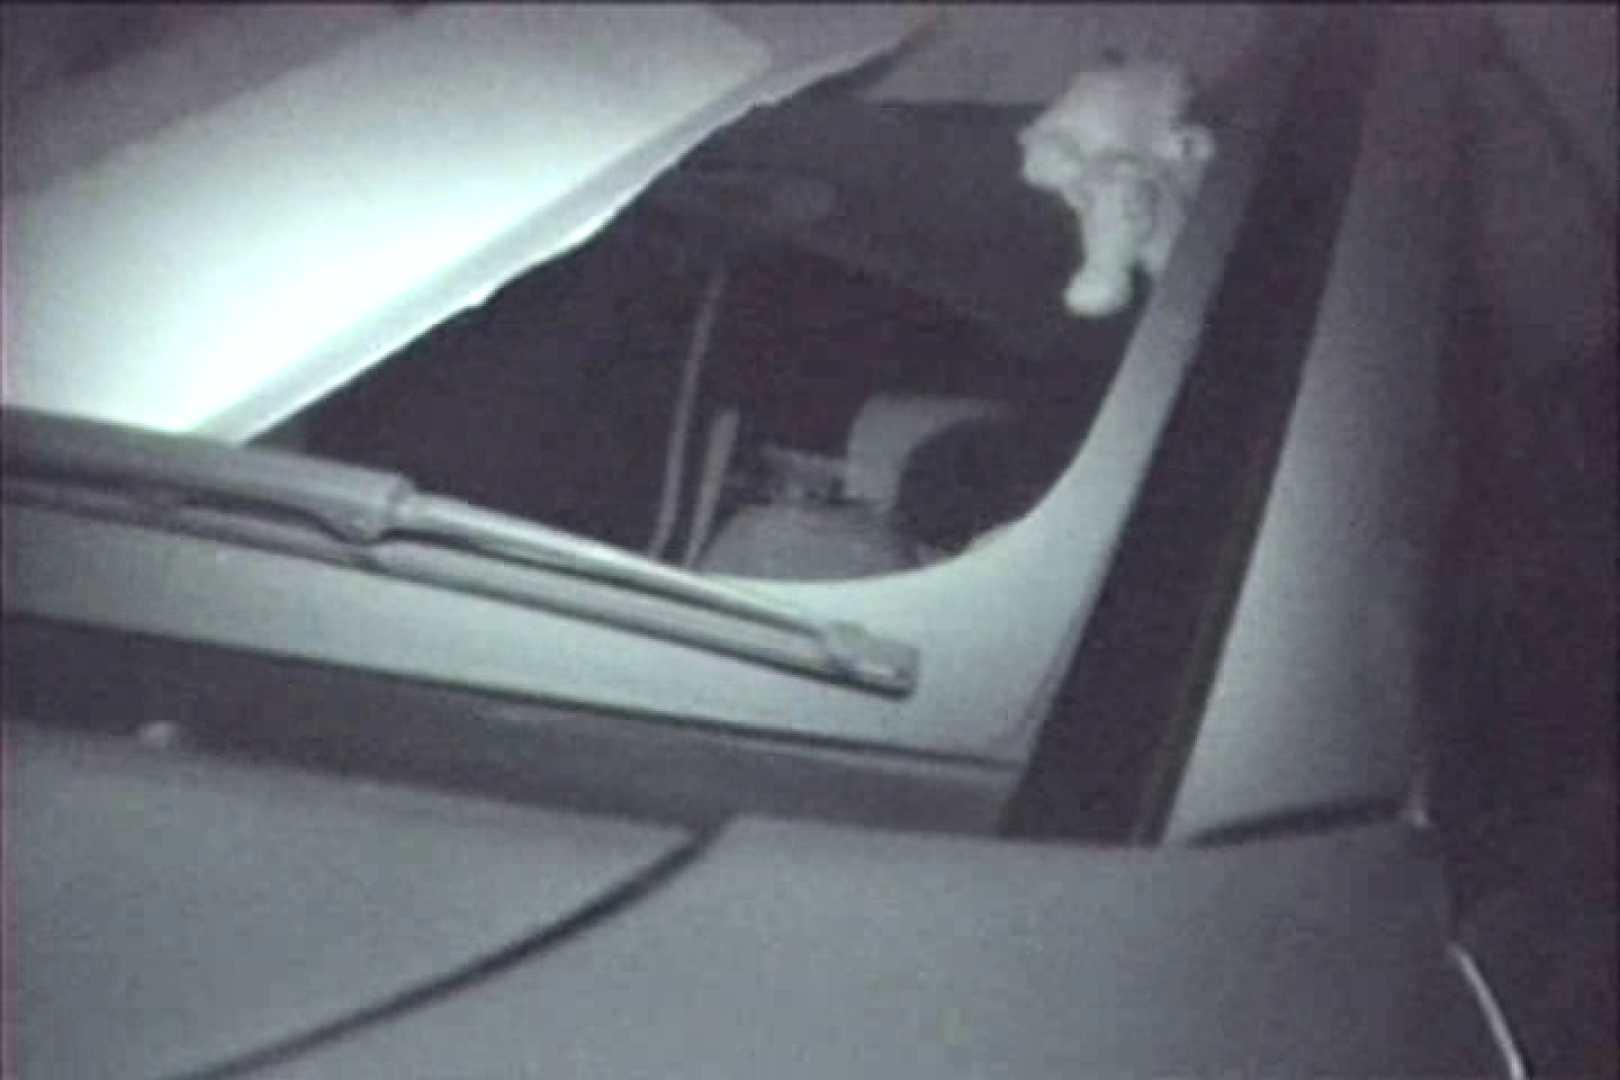 車の中はラブホテル 無修正版  Vol.18 車 おめこ無修正画像 80連発 67